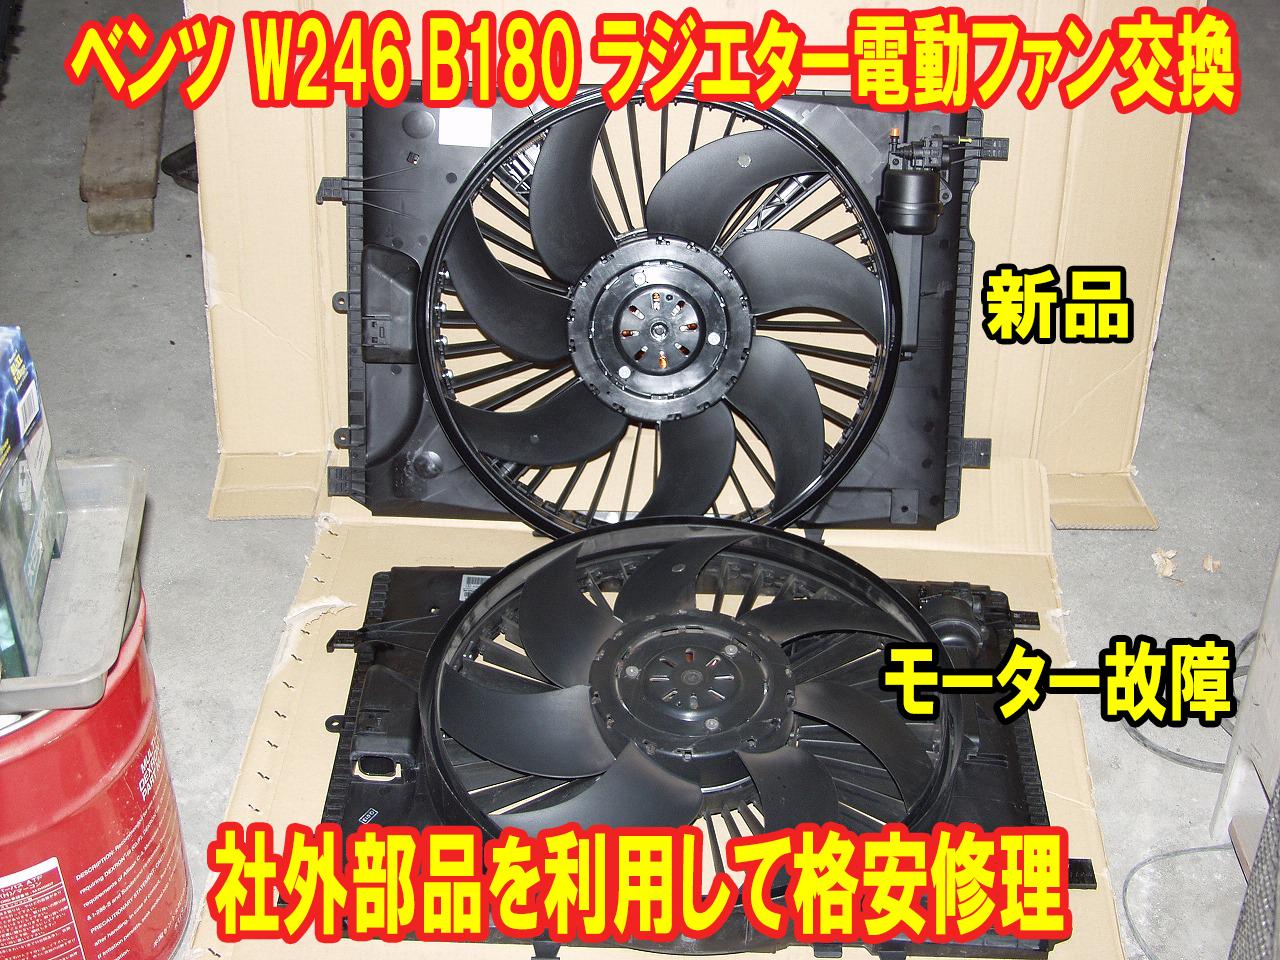 ベンツB180のラジエター電動ファン交換は社外部品がお得